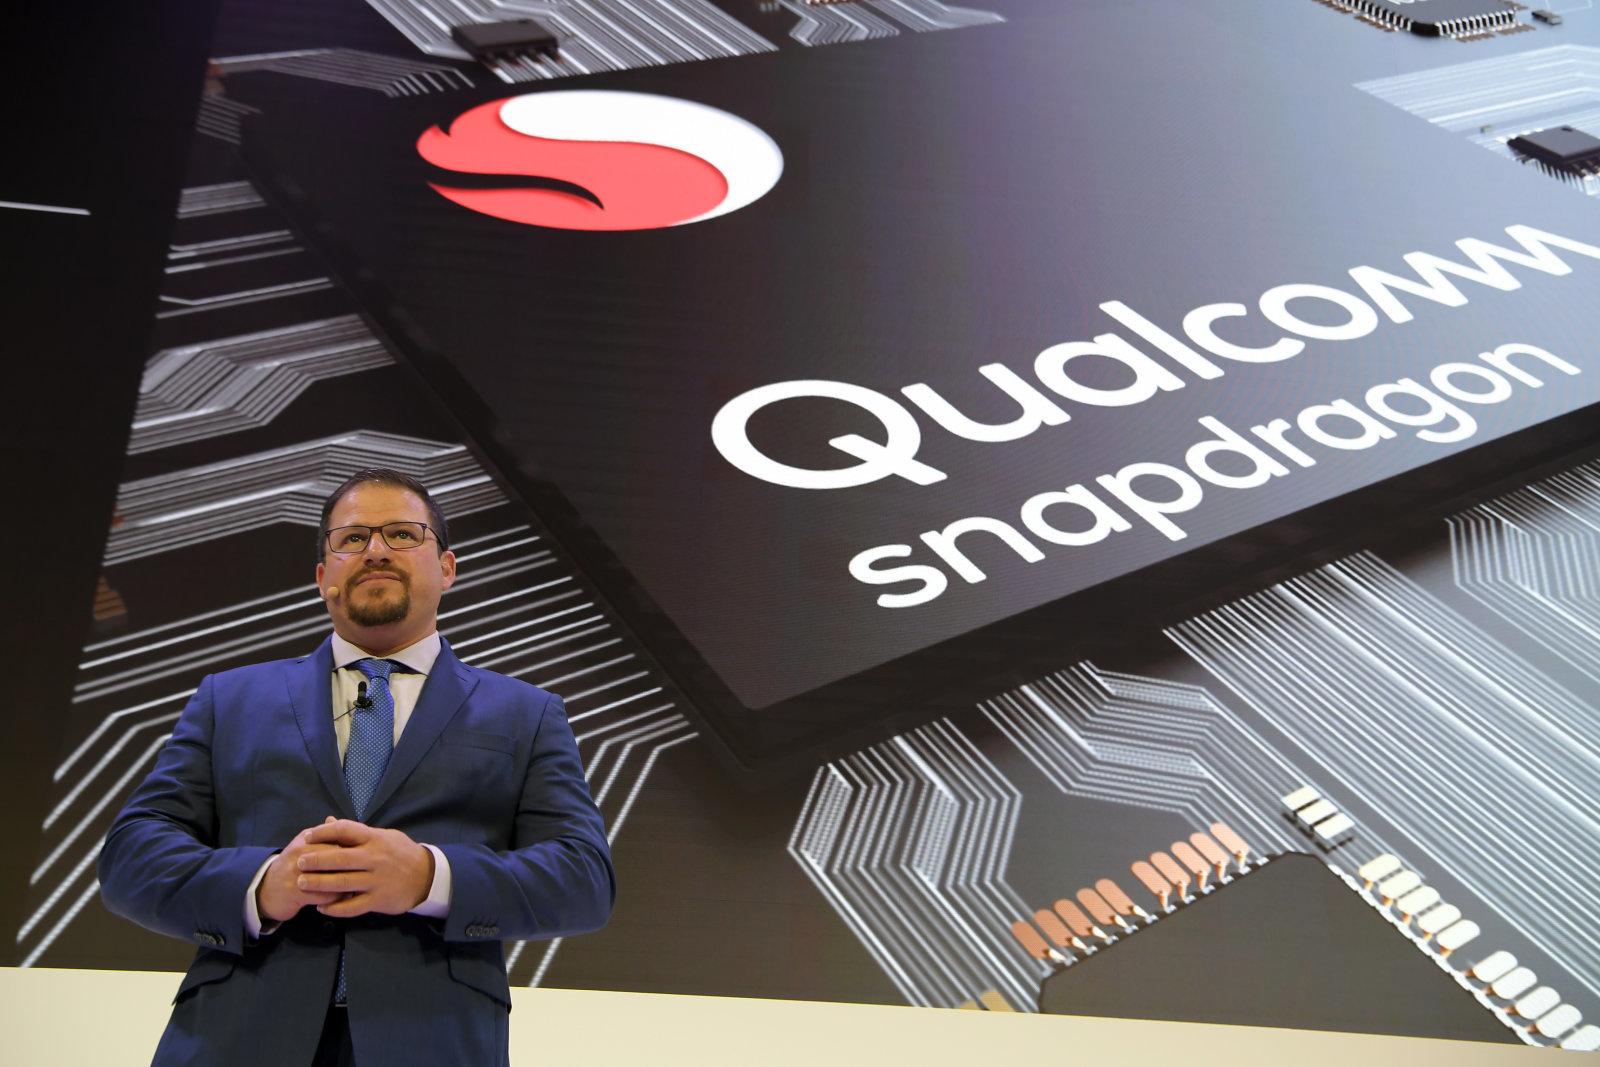 Дональд Трамп запрещает компании Broadcom выкупить Qualcomm